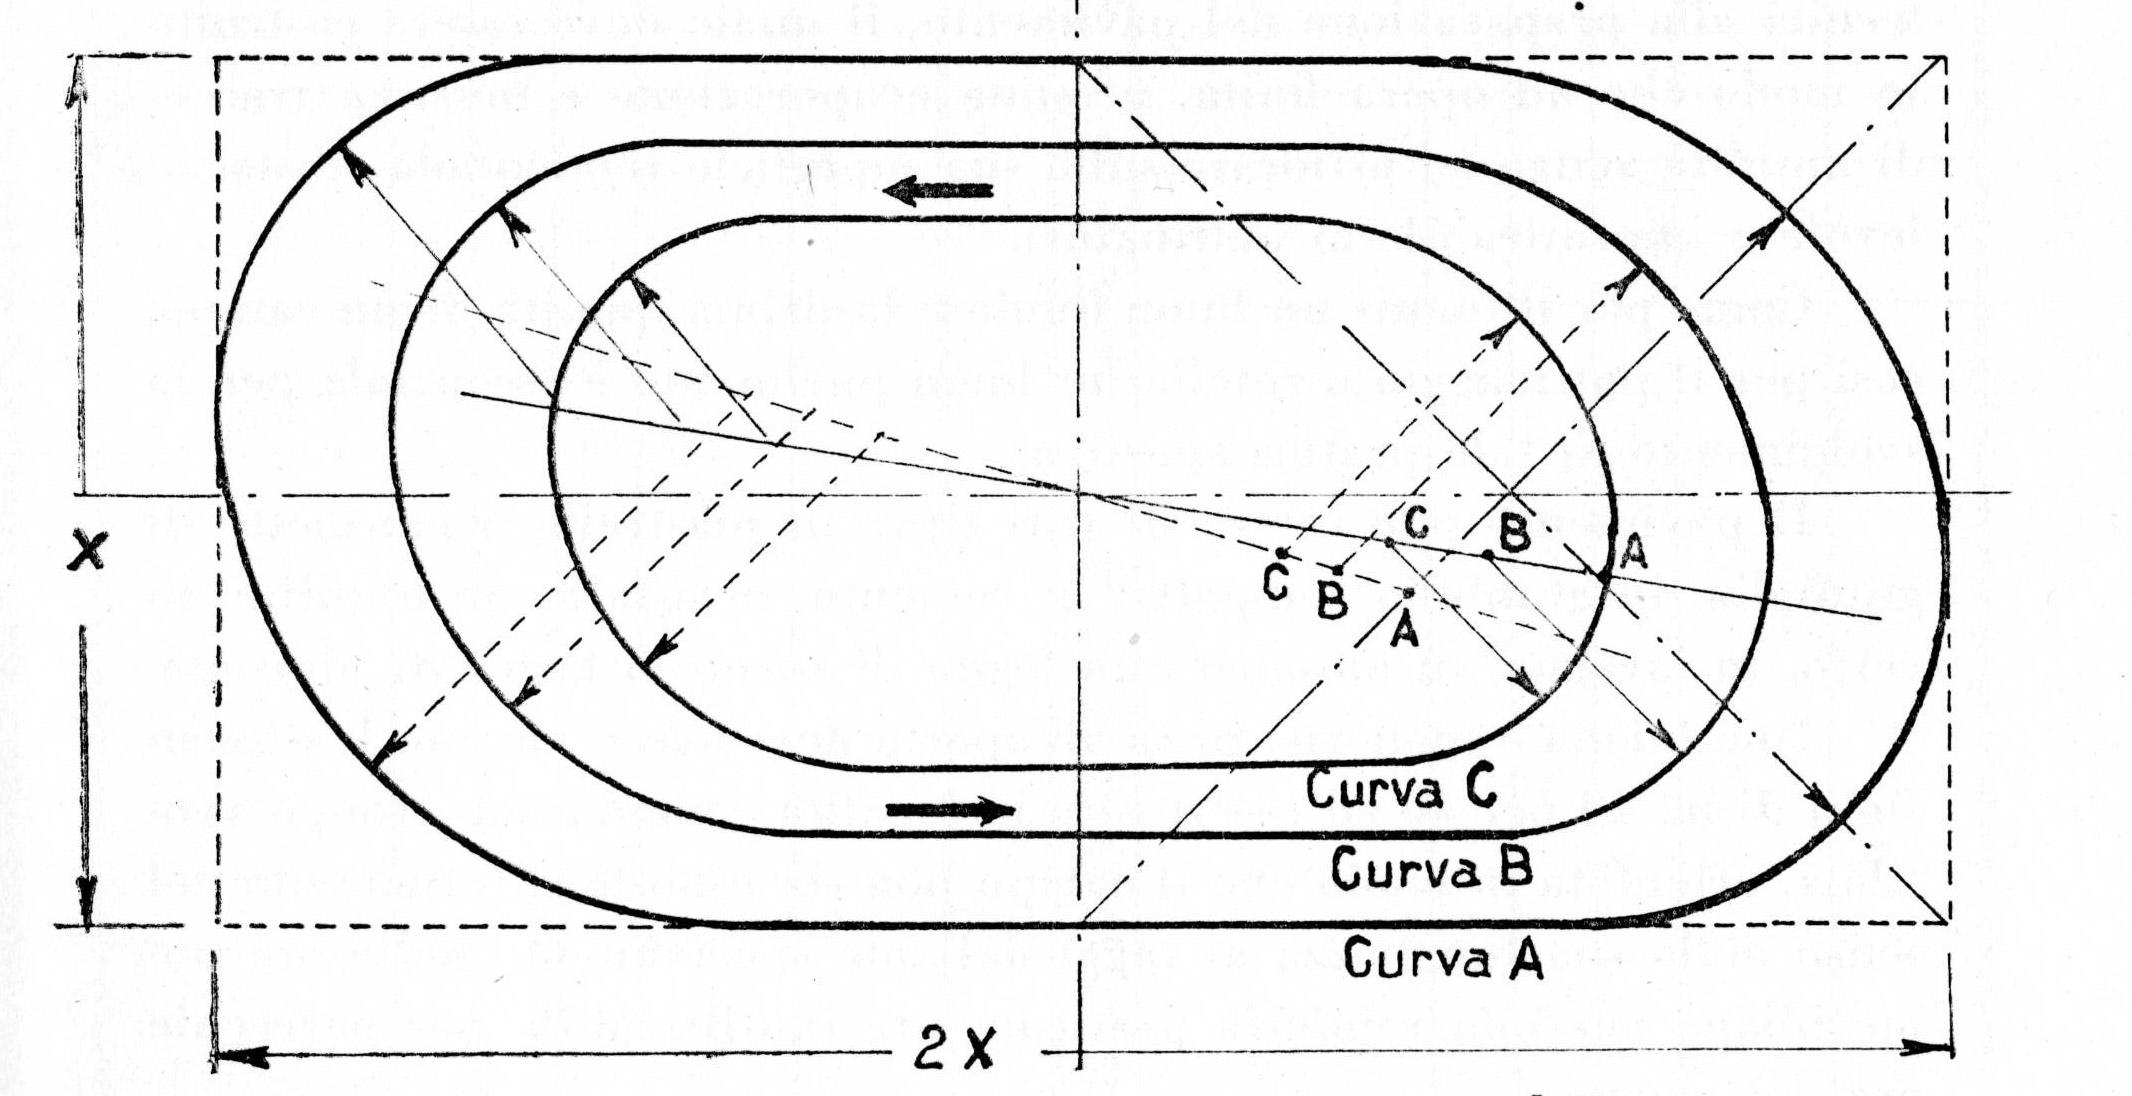 Tracciato di curvatura per piste di pattinaggio rettangolari